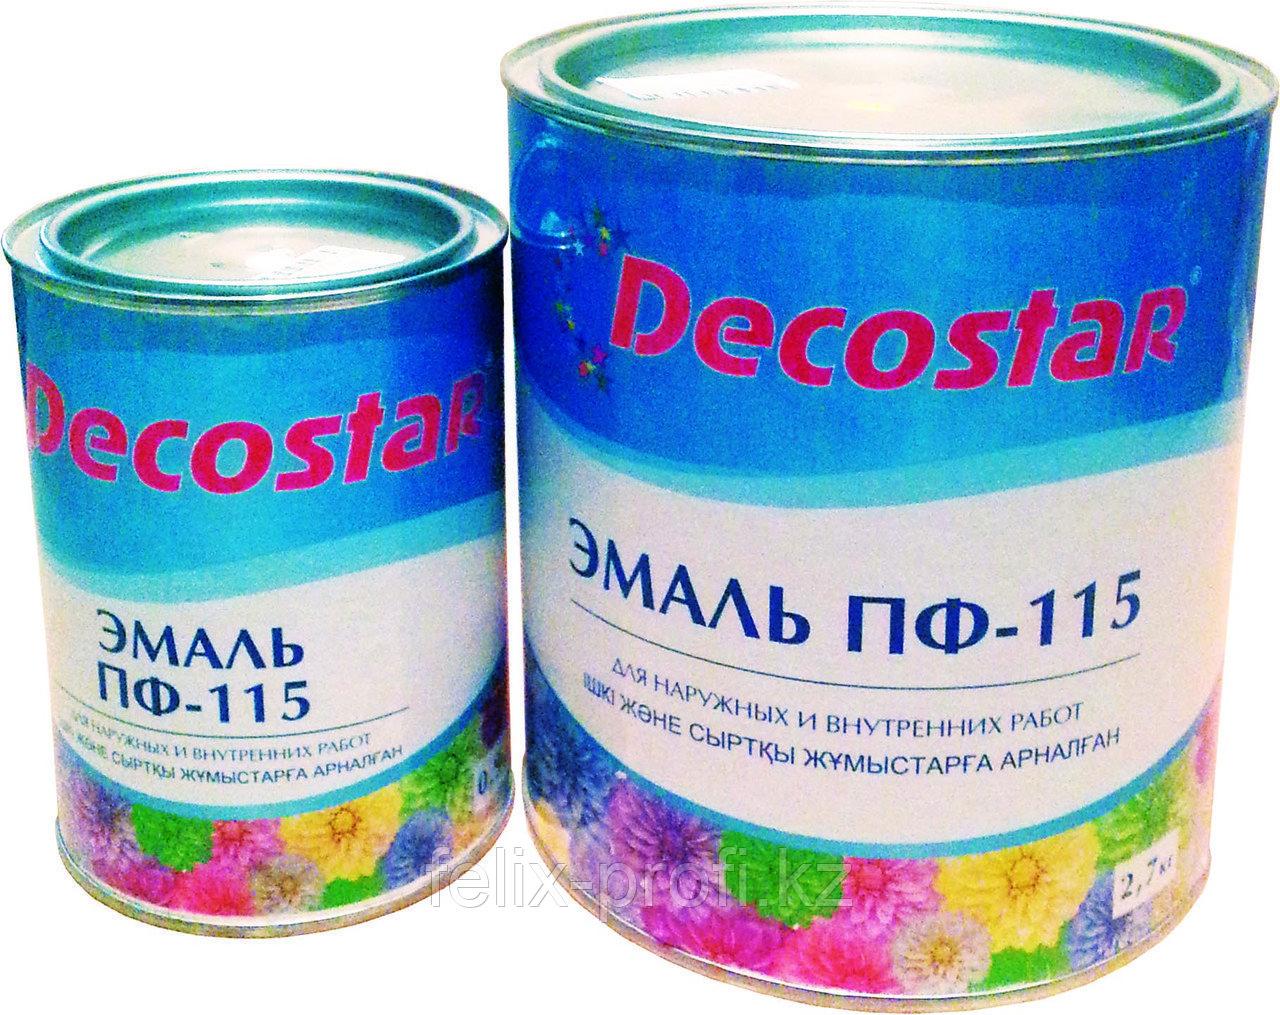 Decostar Эмаль ПФ-115 синяя, 2.7 кг